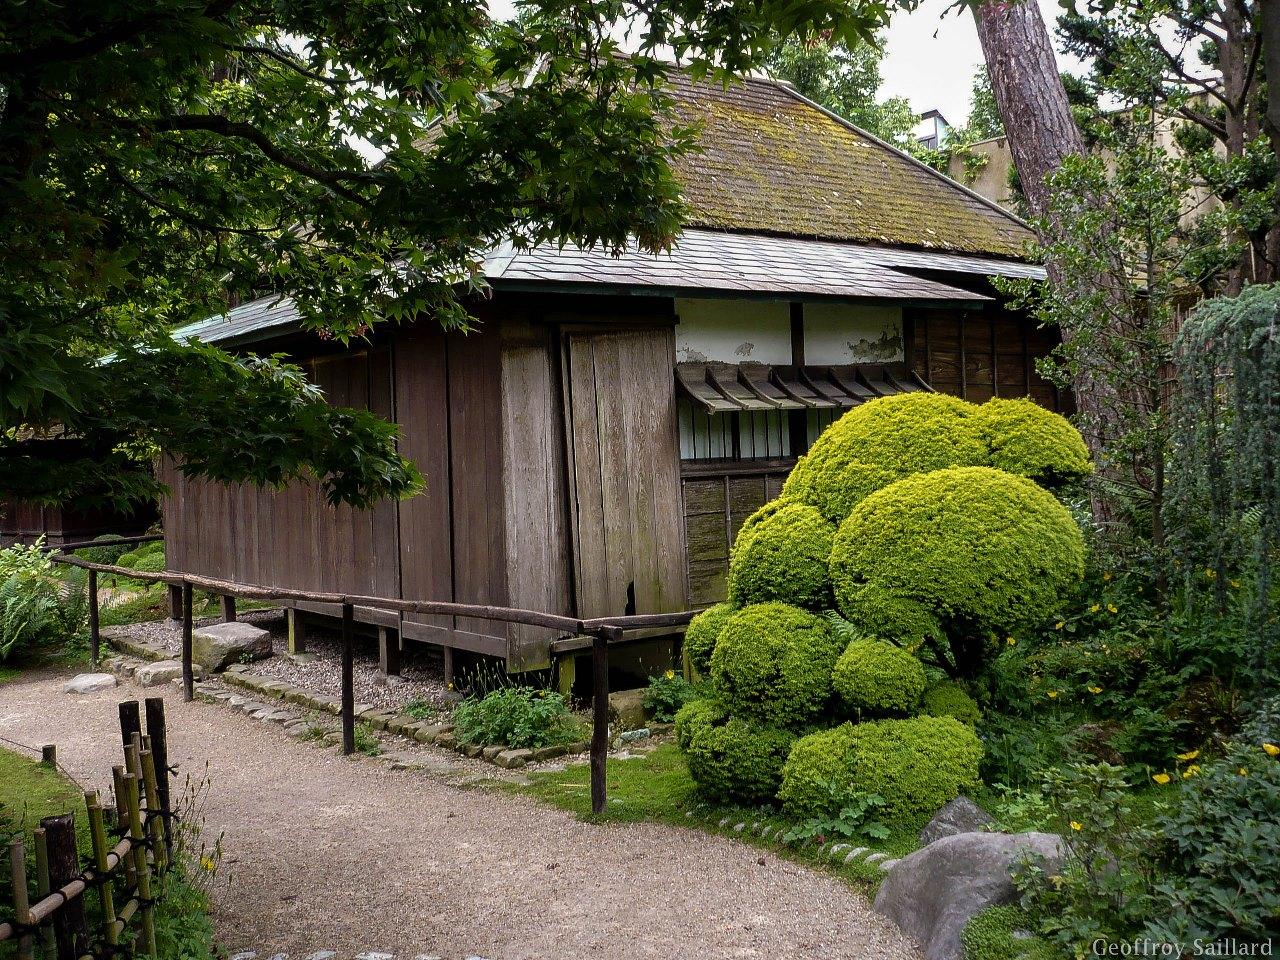 Salon De Jardin Japonais V Rias Id Ias De Design Atraente Para A Sua Casa